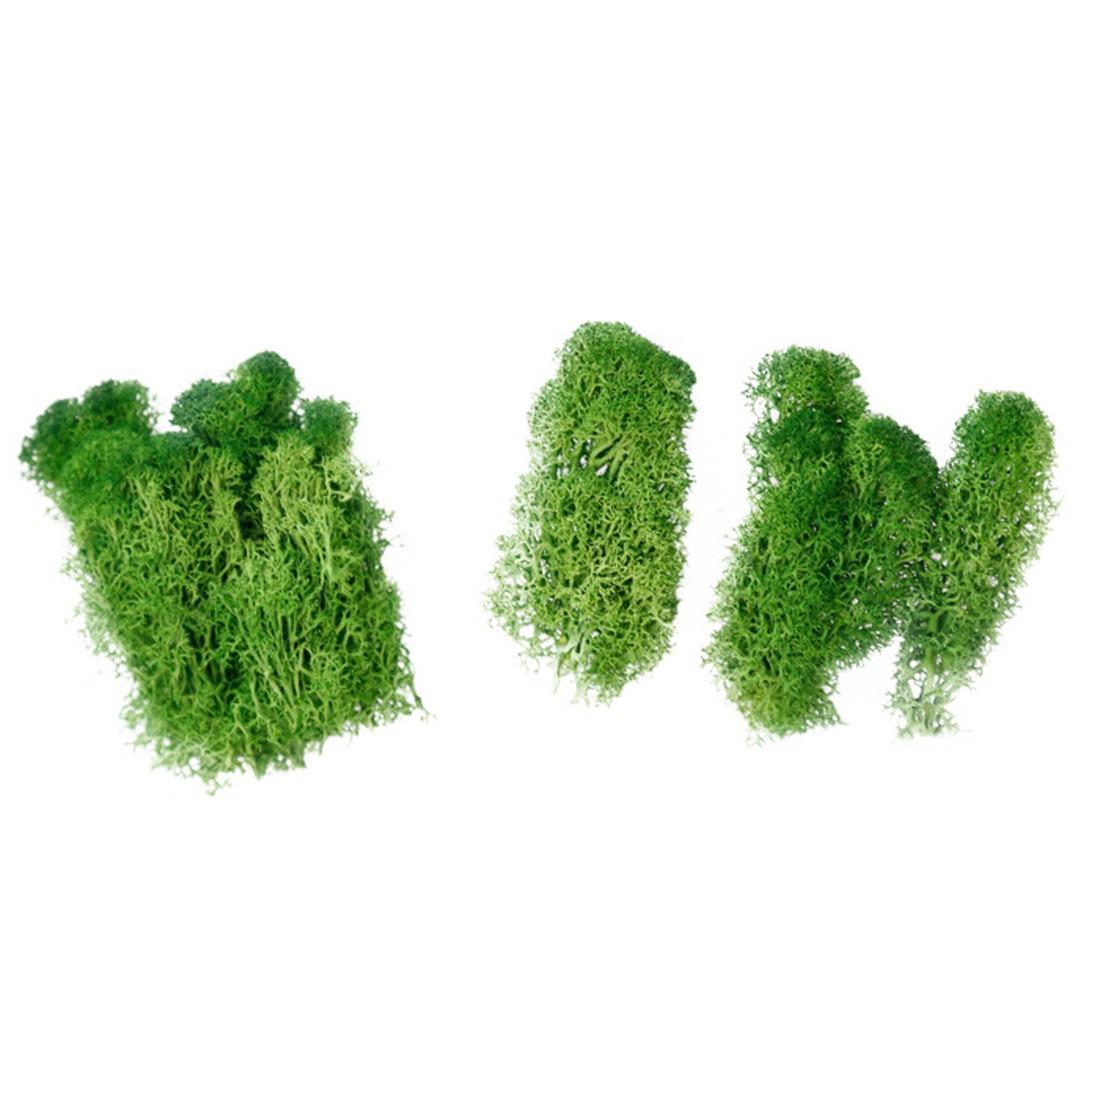 Artificial Moss Simulation Grass Bryophyte Bonsai Garden DIY Landscape Decor Emerald/ Light Green